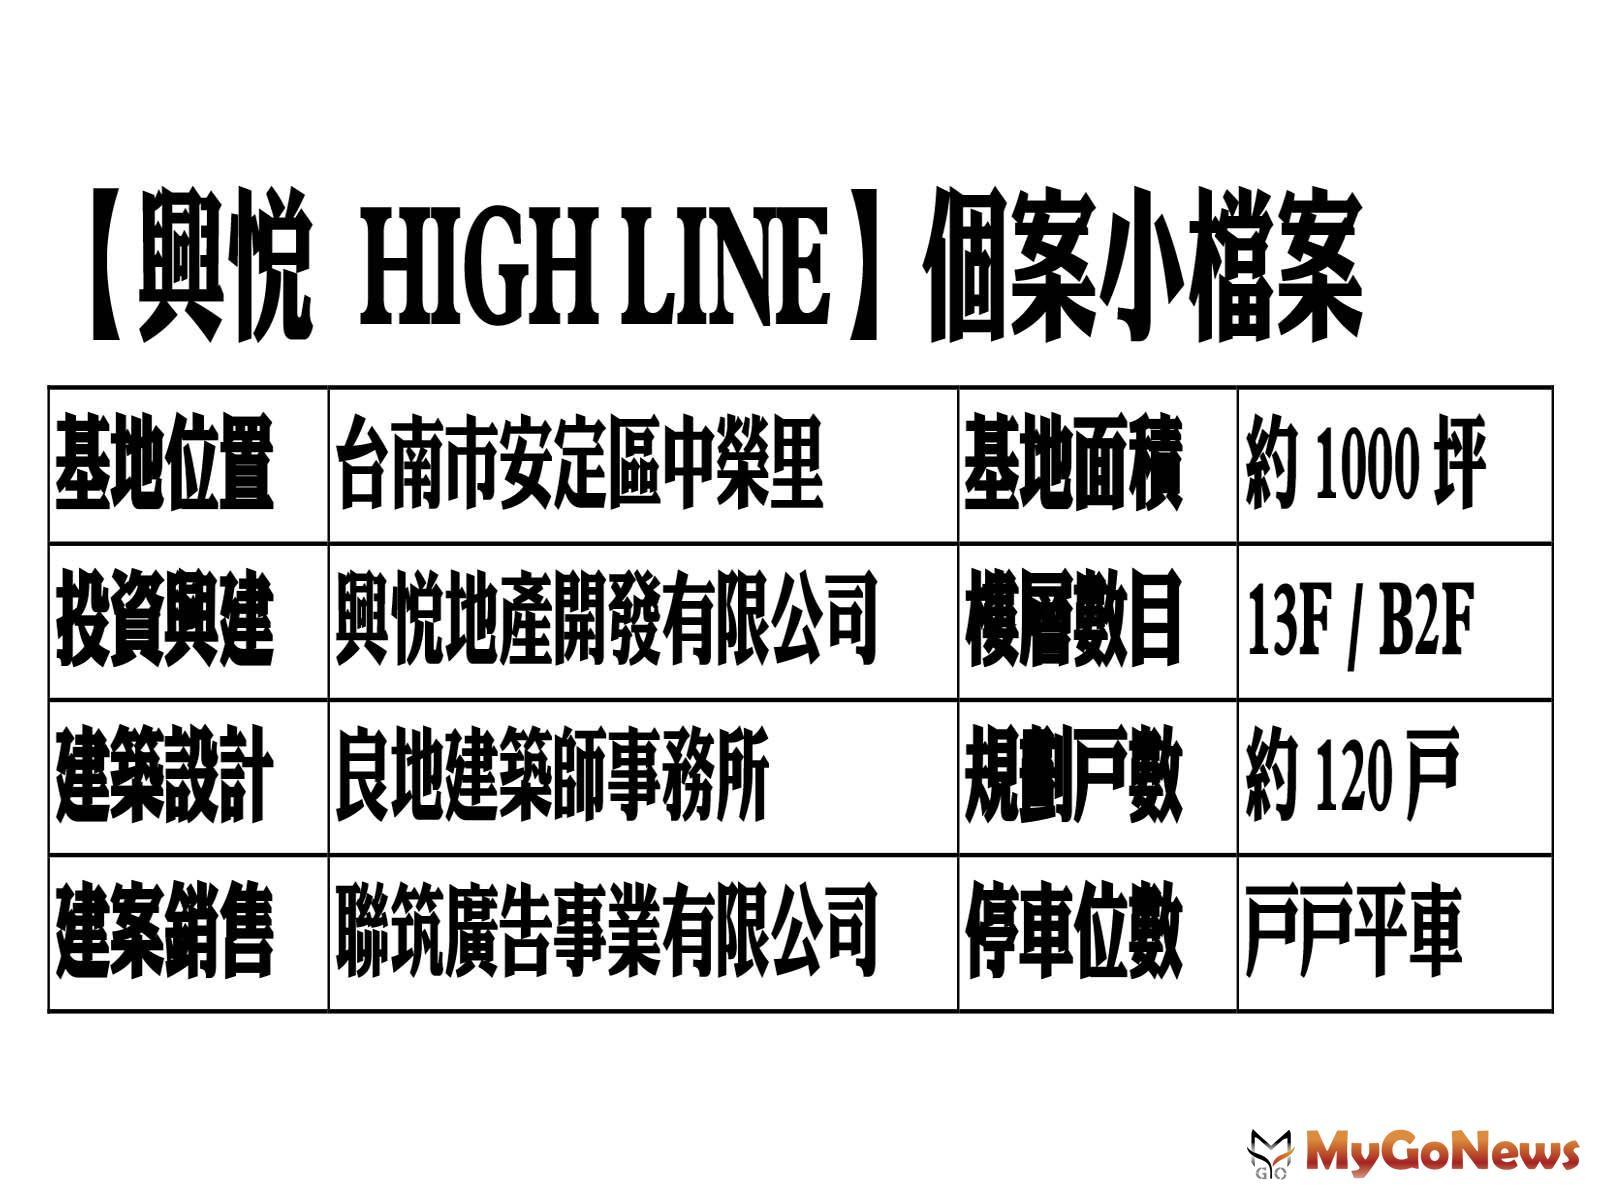 【興悅 HIGH LINE】個案小檔案 MyGoNews房地產新聞 熱銷推案